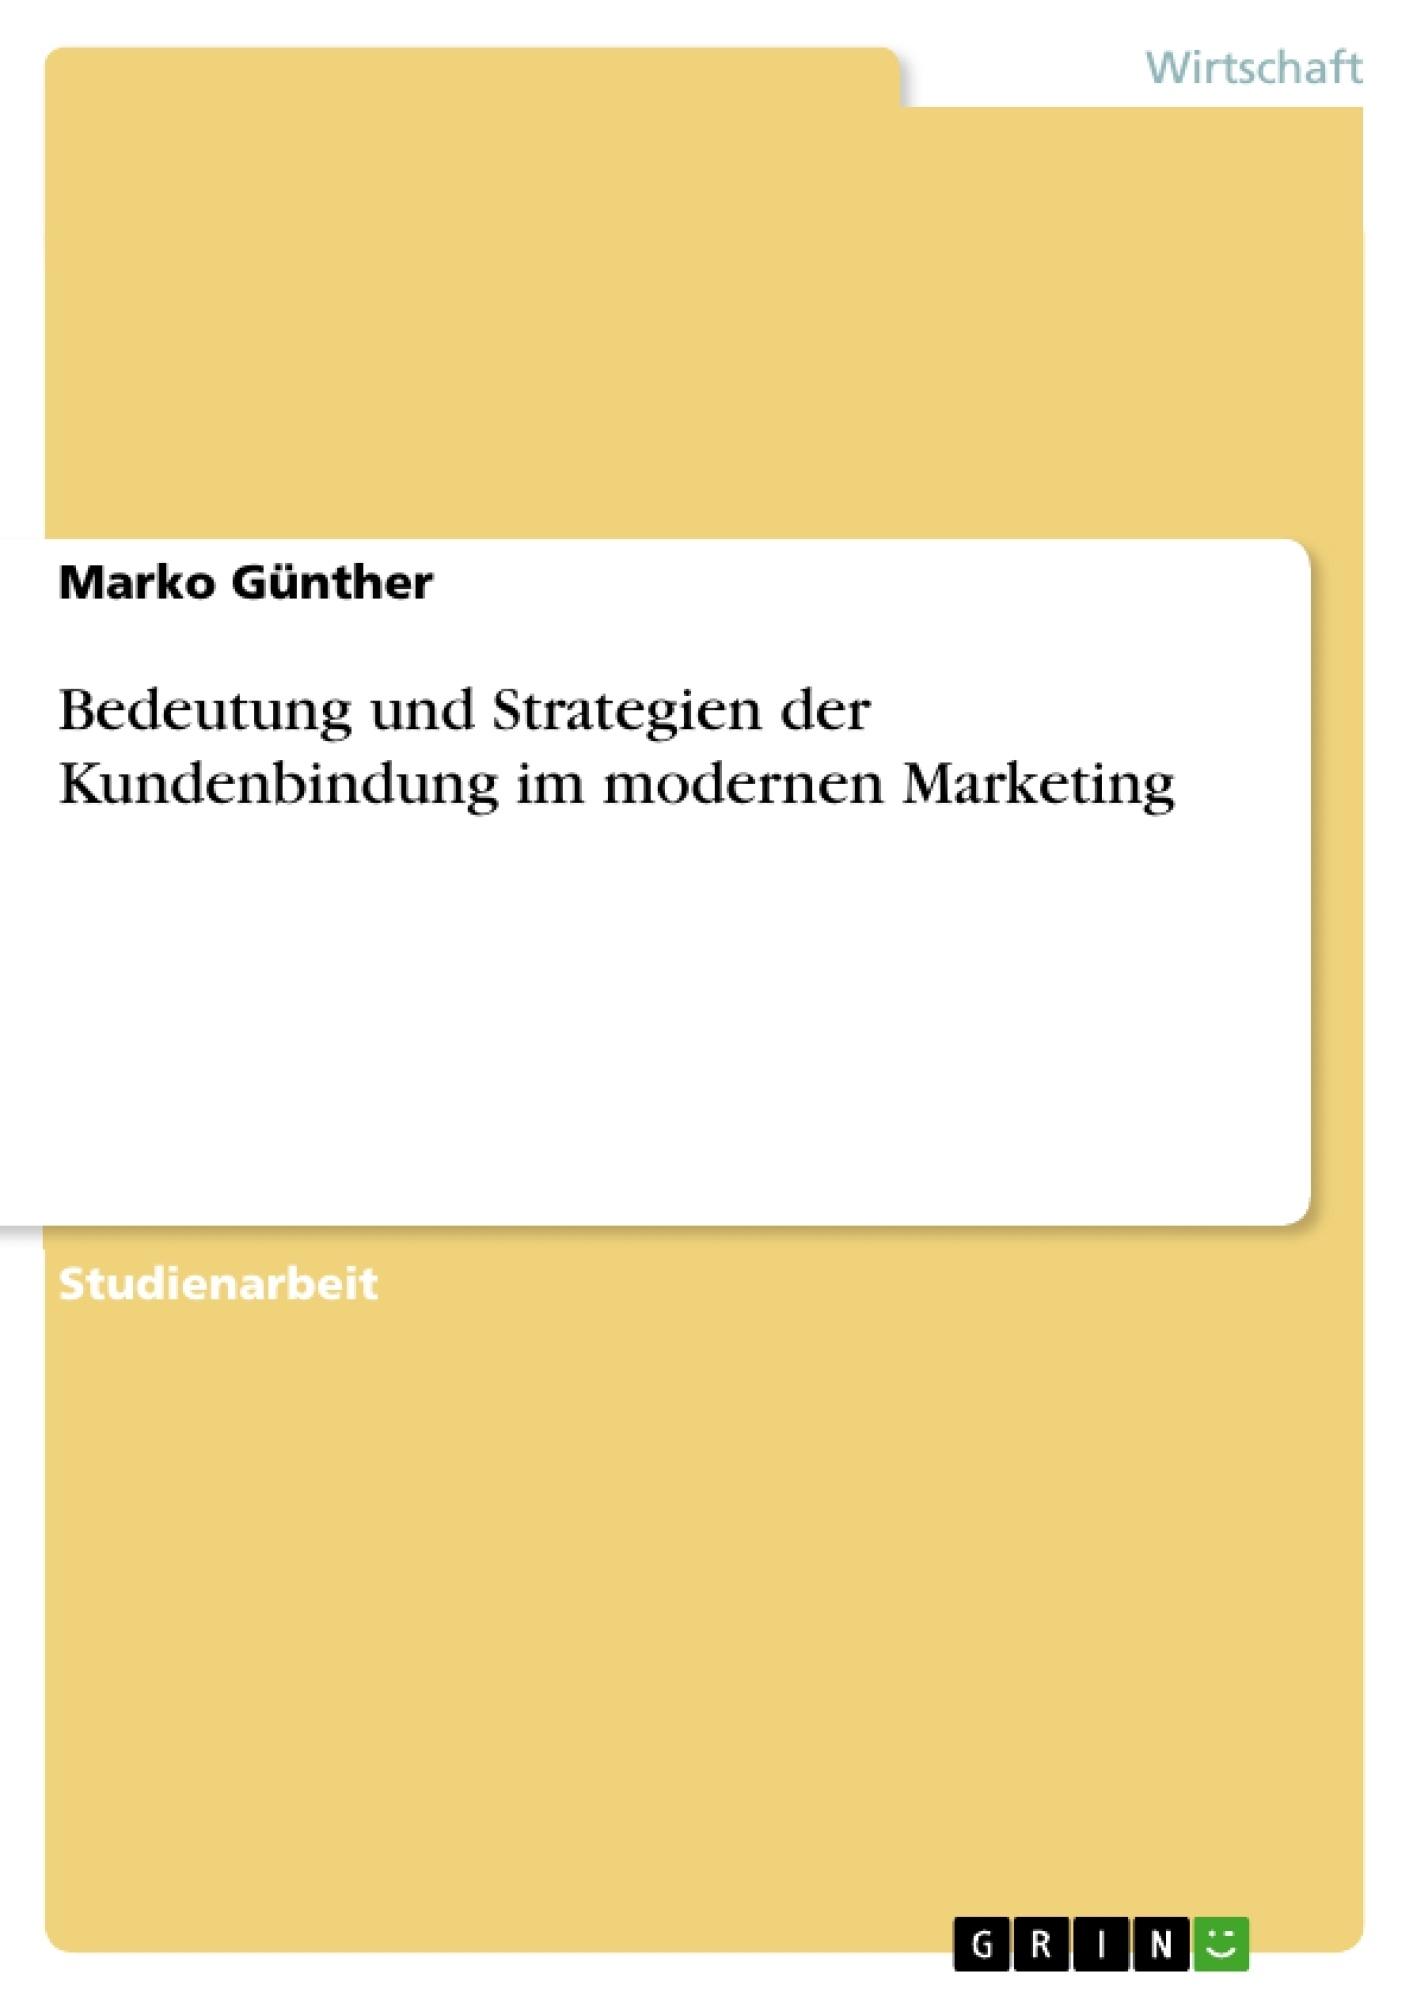 Titel: Bedeutung und Strategien der Kundenbindung im modernen Marketing